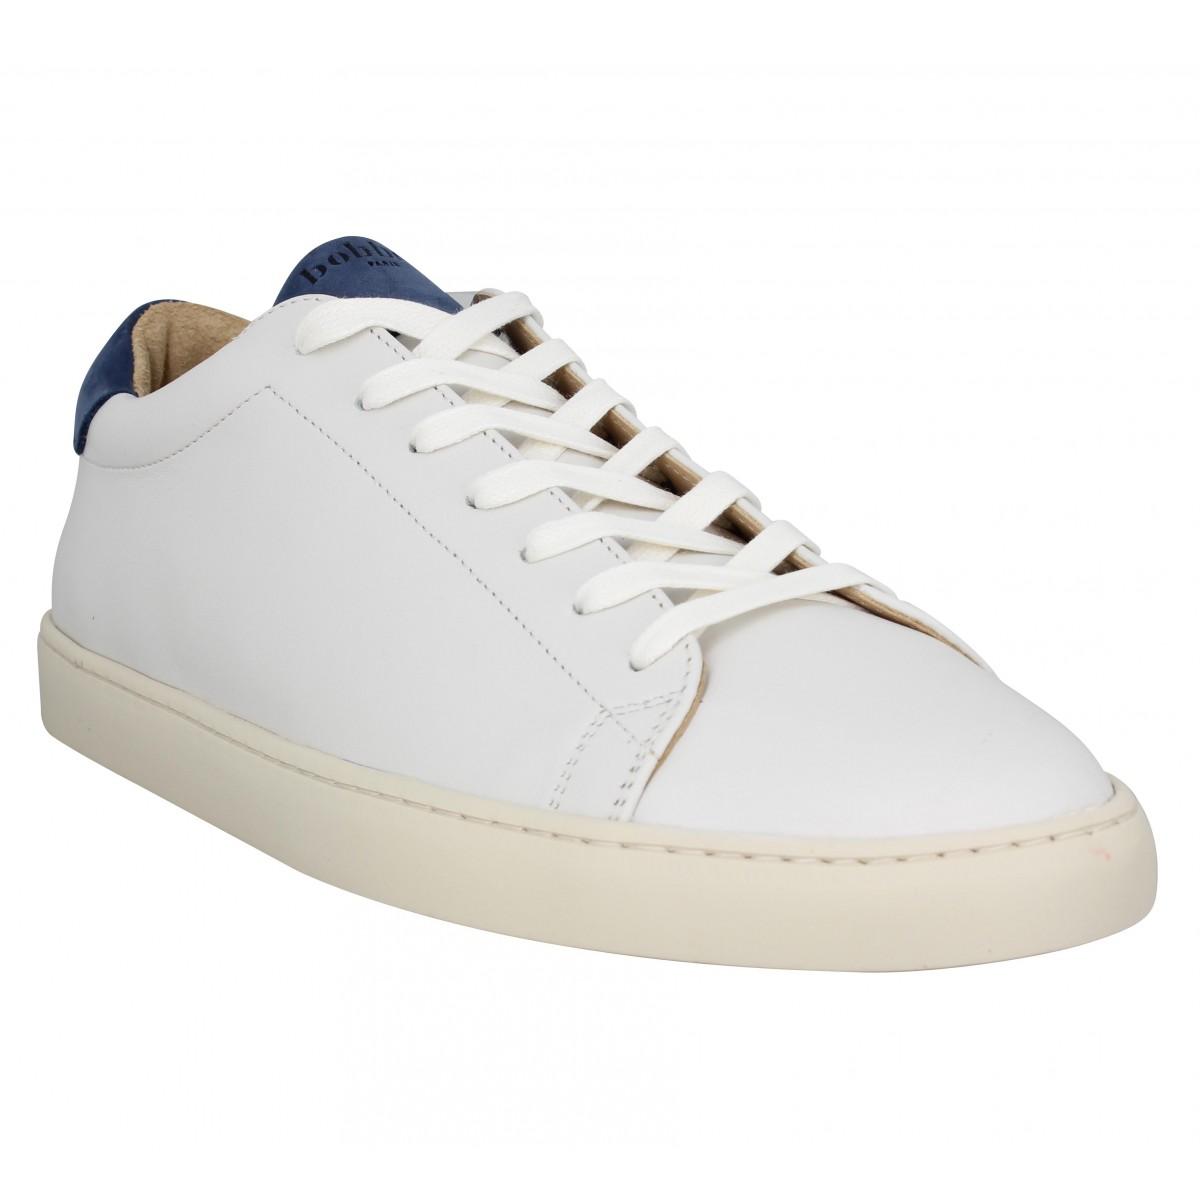 Baskets BOBBIES Le Tchatcheur cuir Homme Blanc casse Bleu